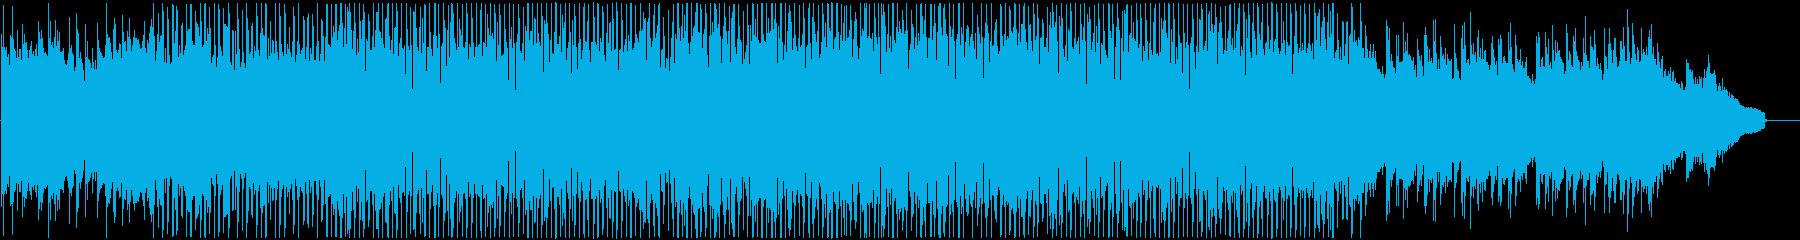 和風ダンスポップの再生済みの波形